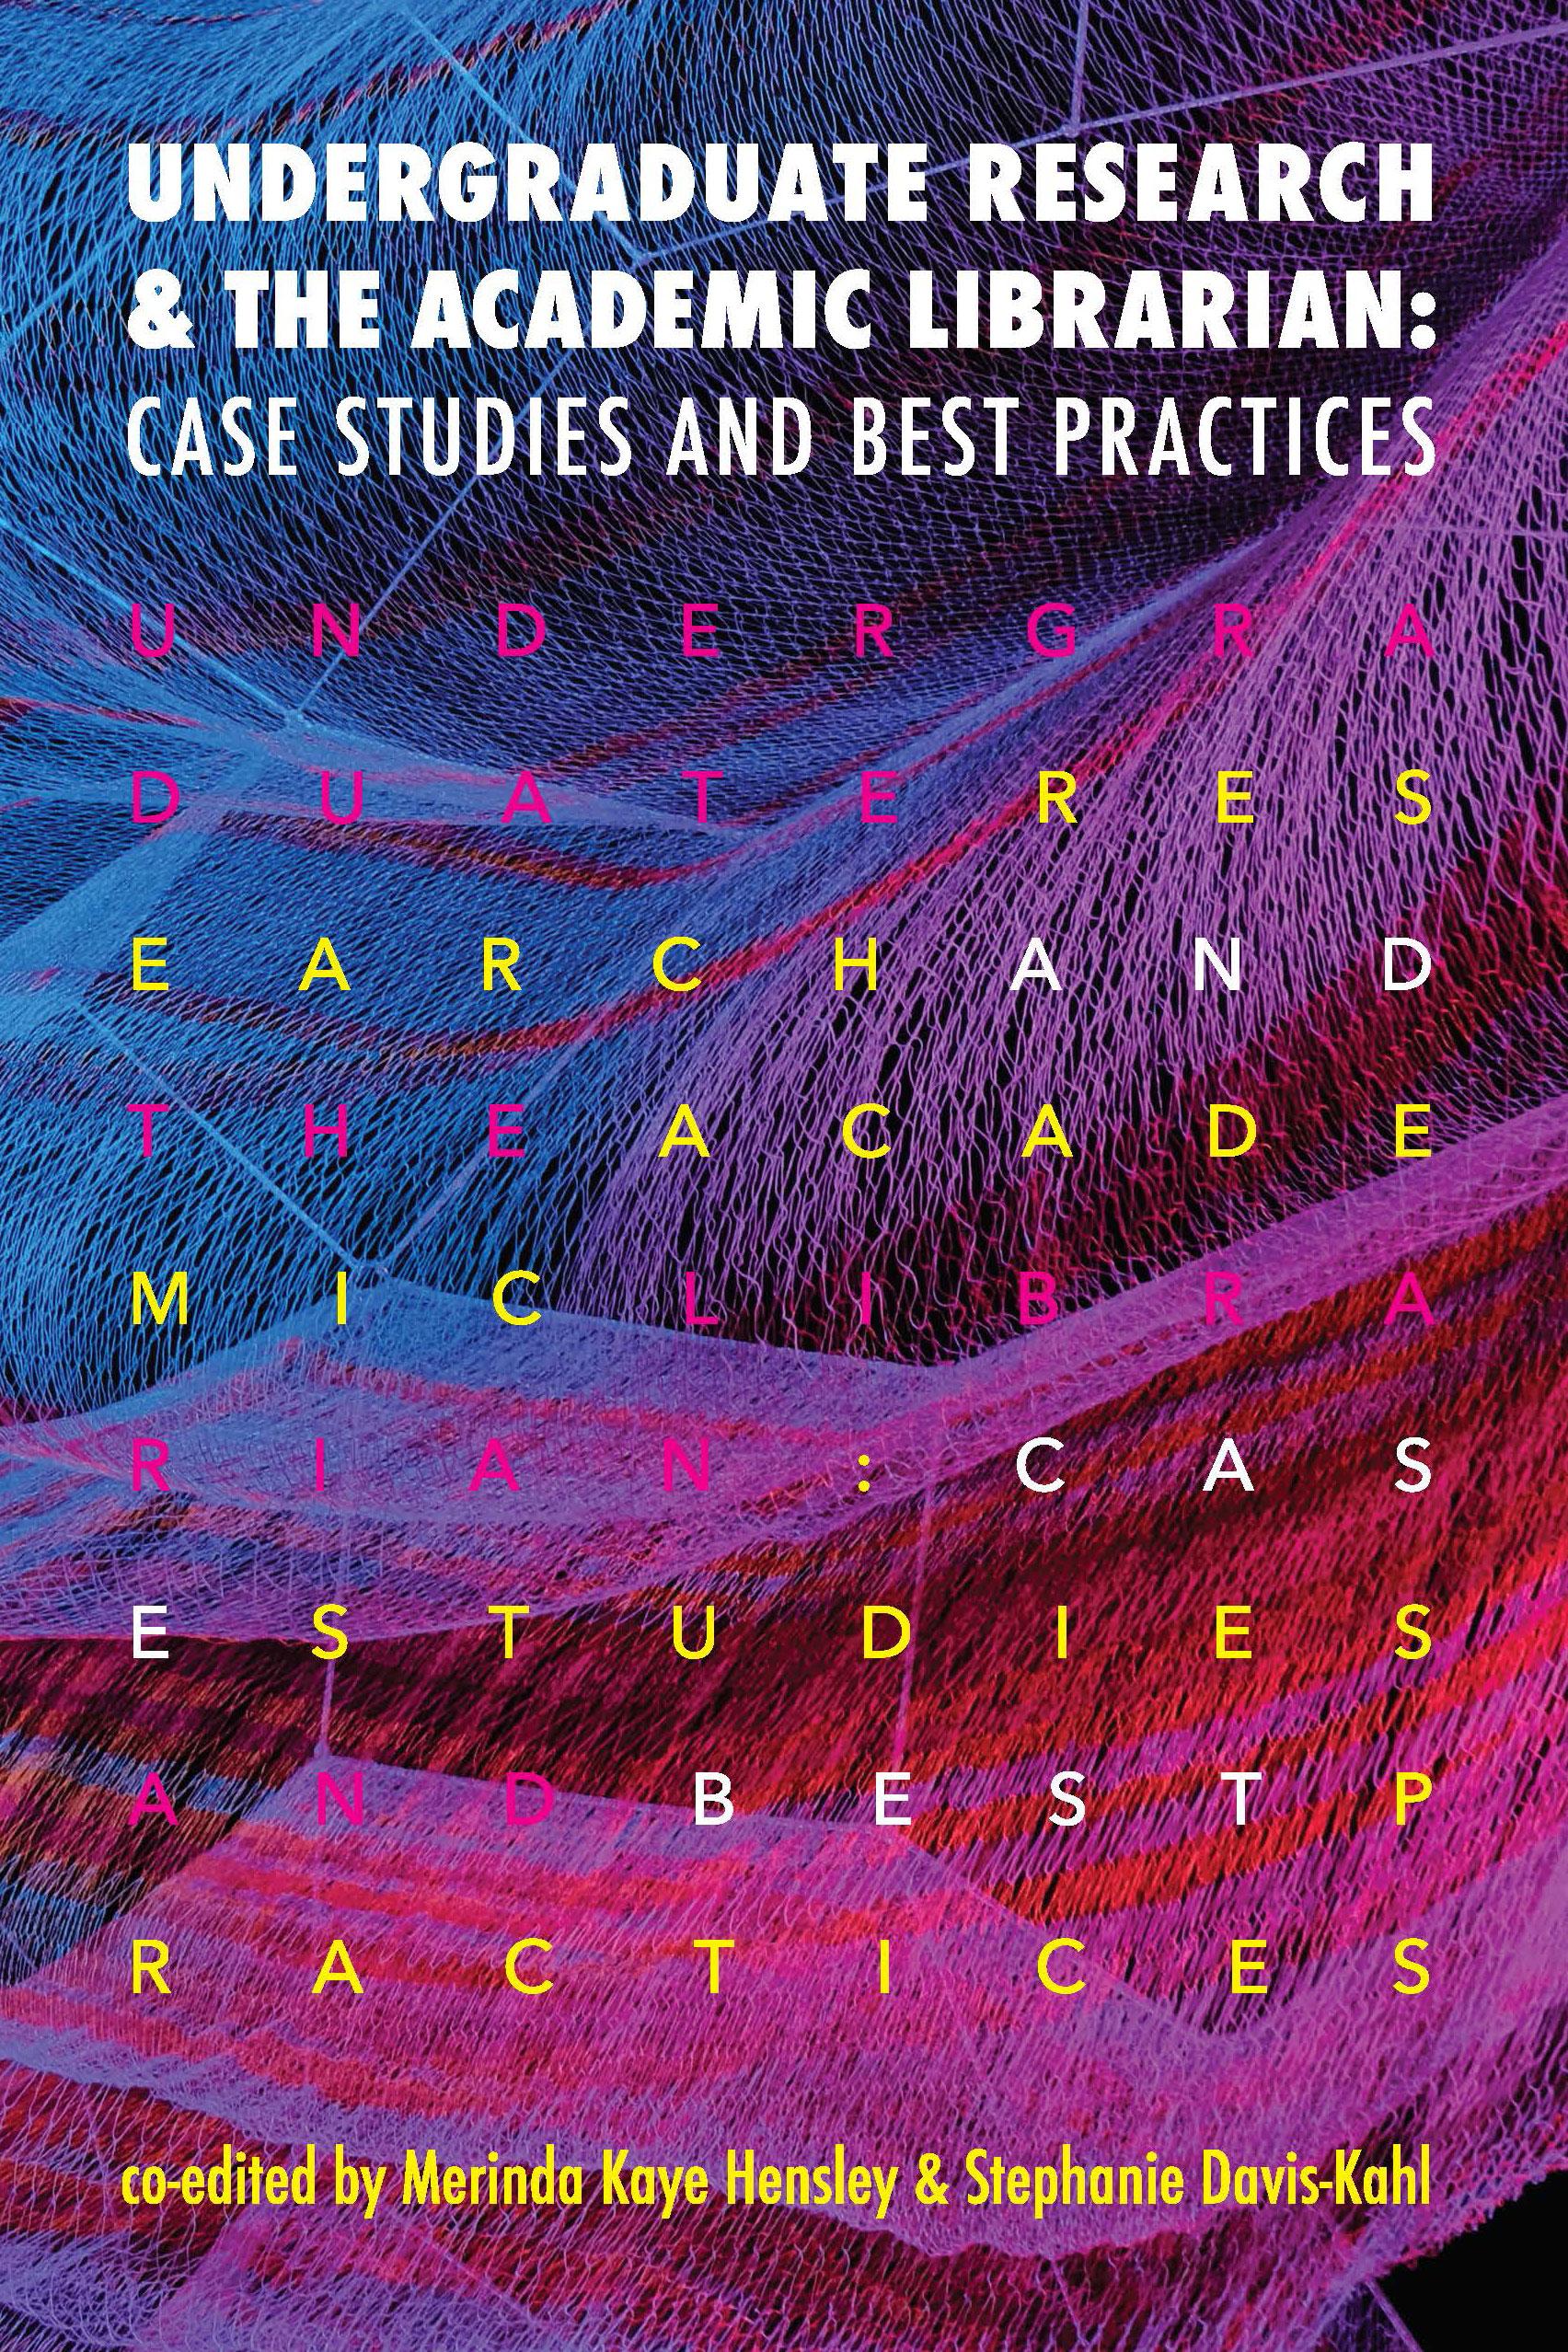 Undergraduate Research cover